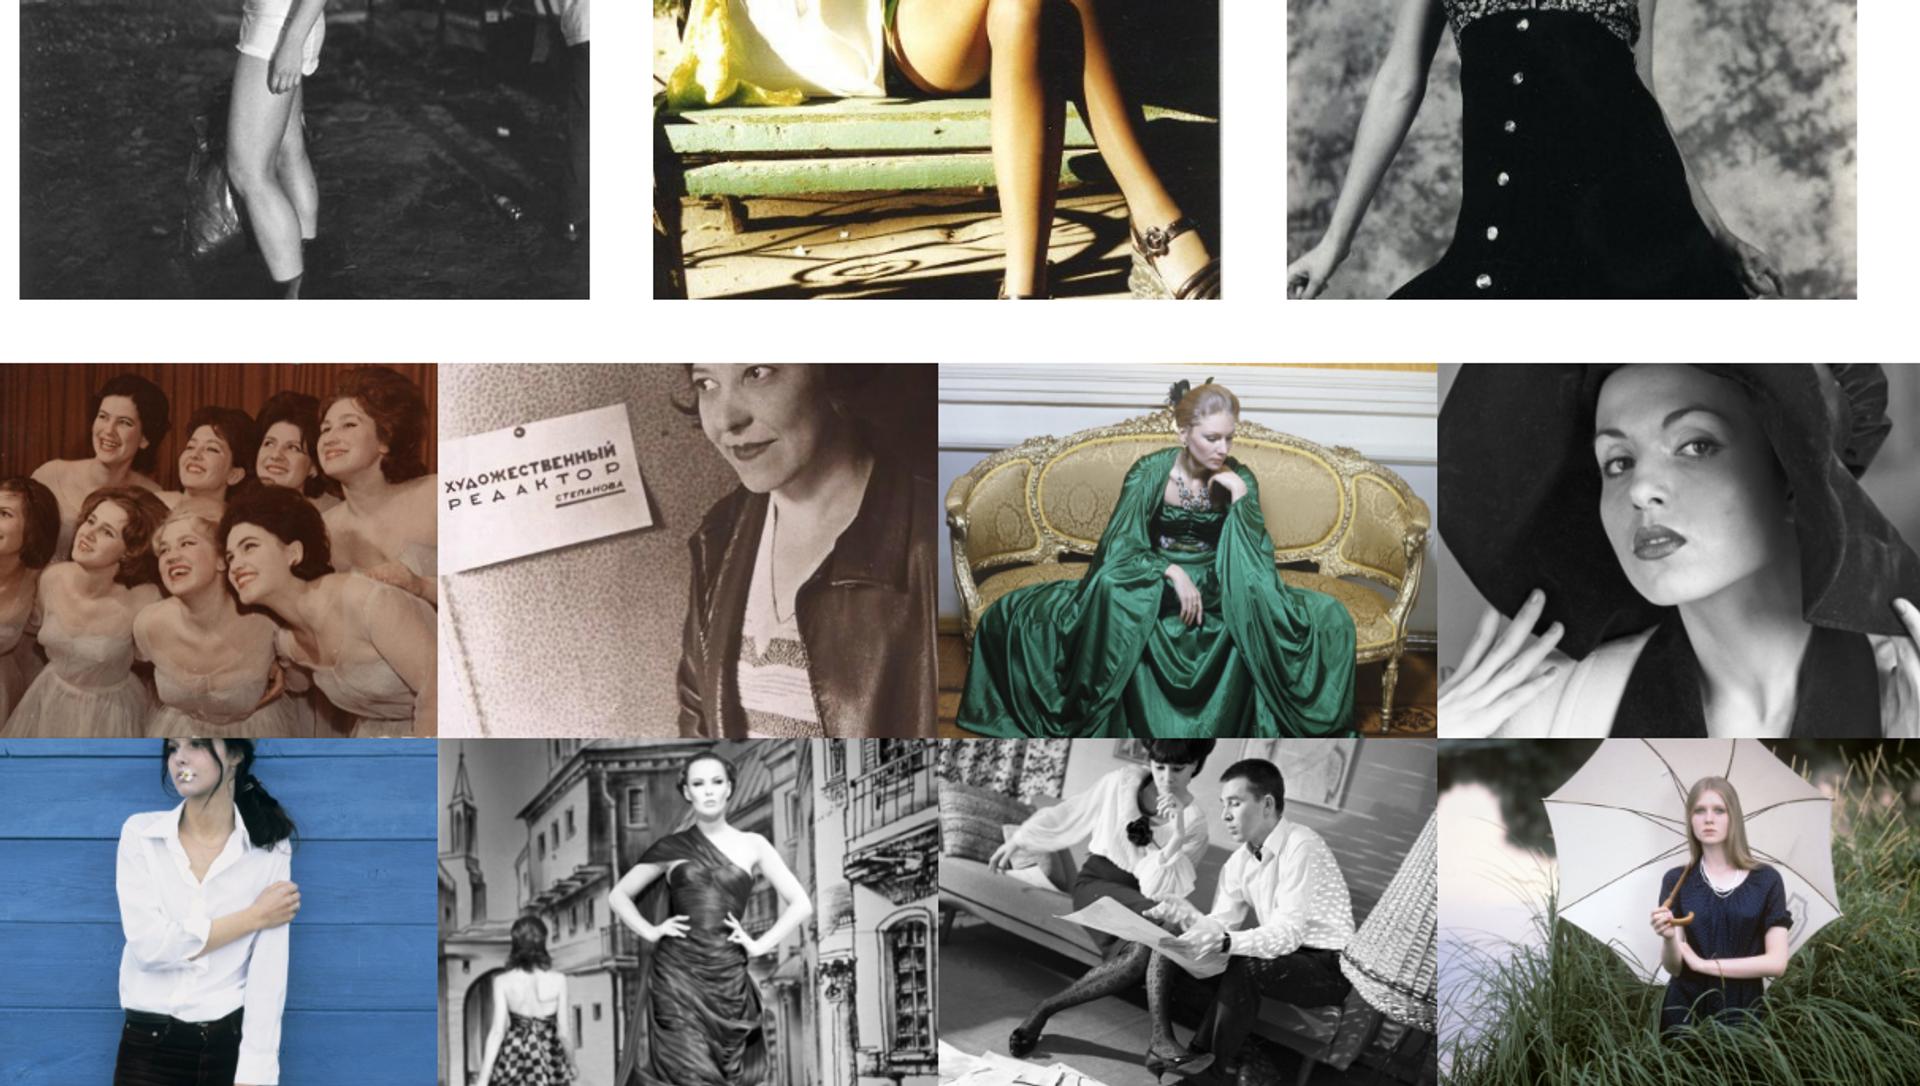 La evolución de la moda rusa - Sputnik Mundo, 1920, 14.08.2017